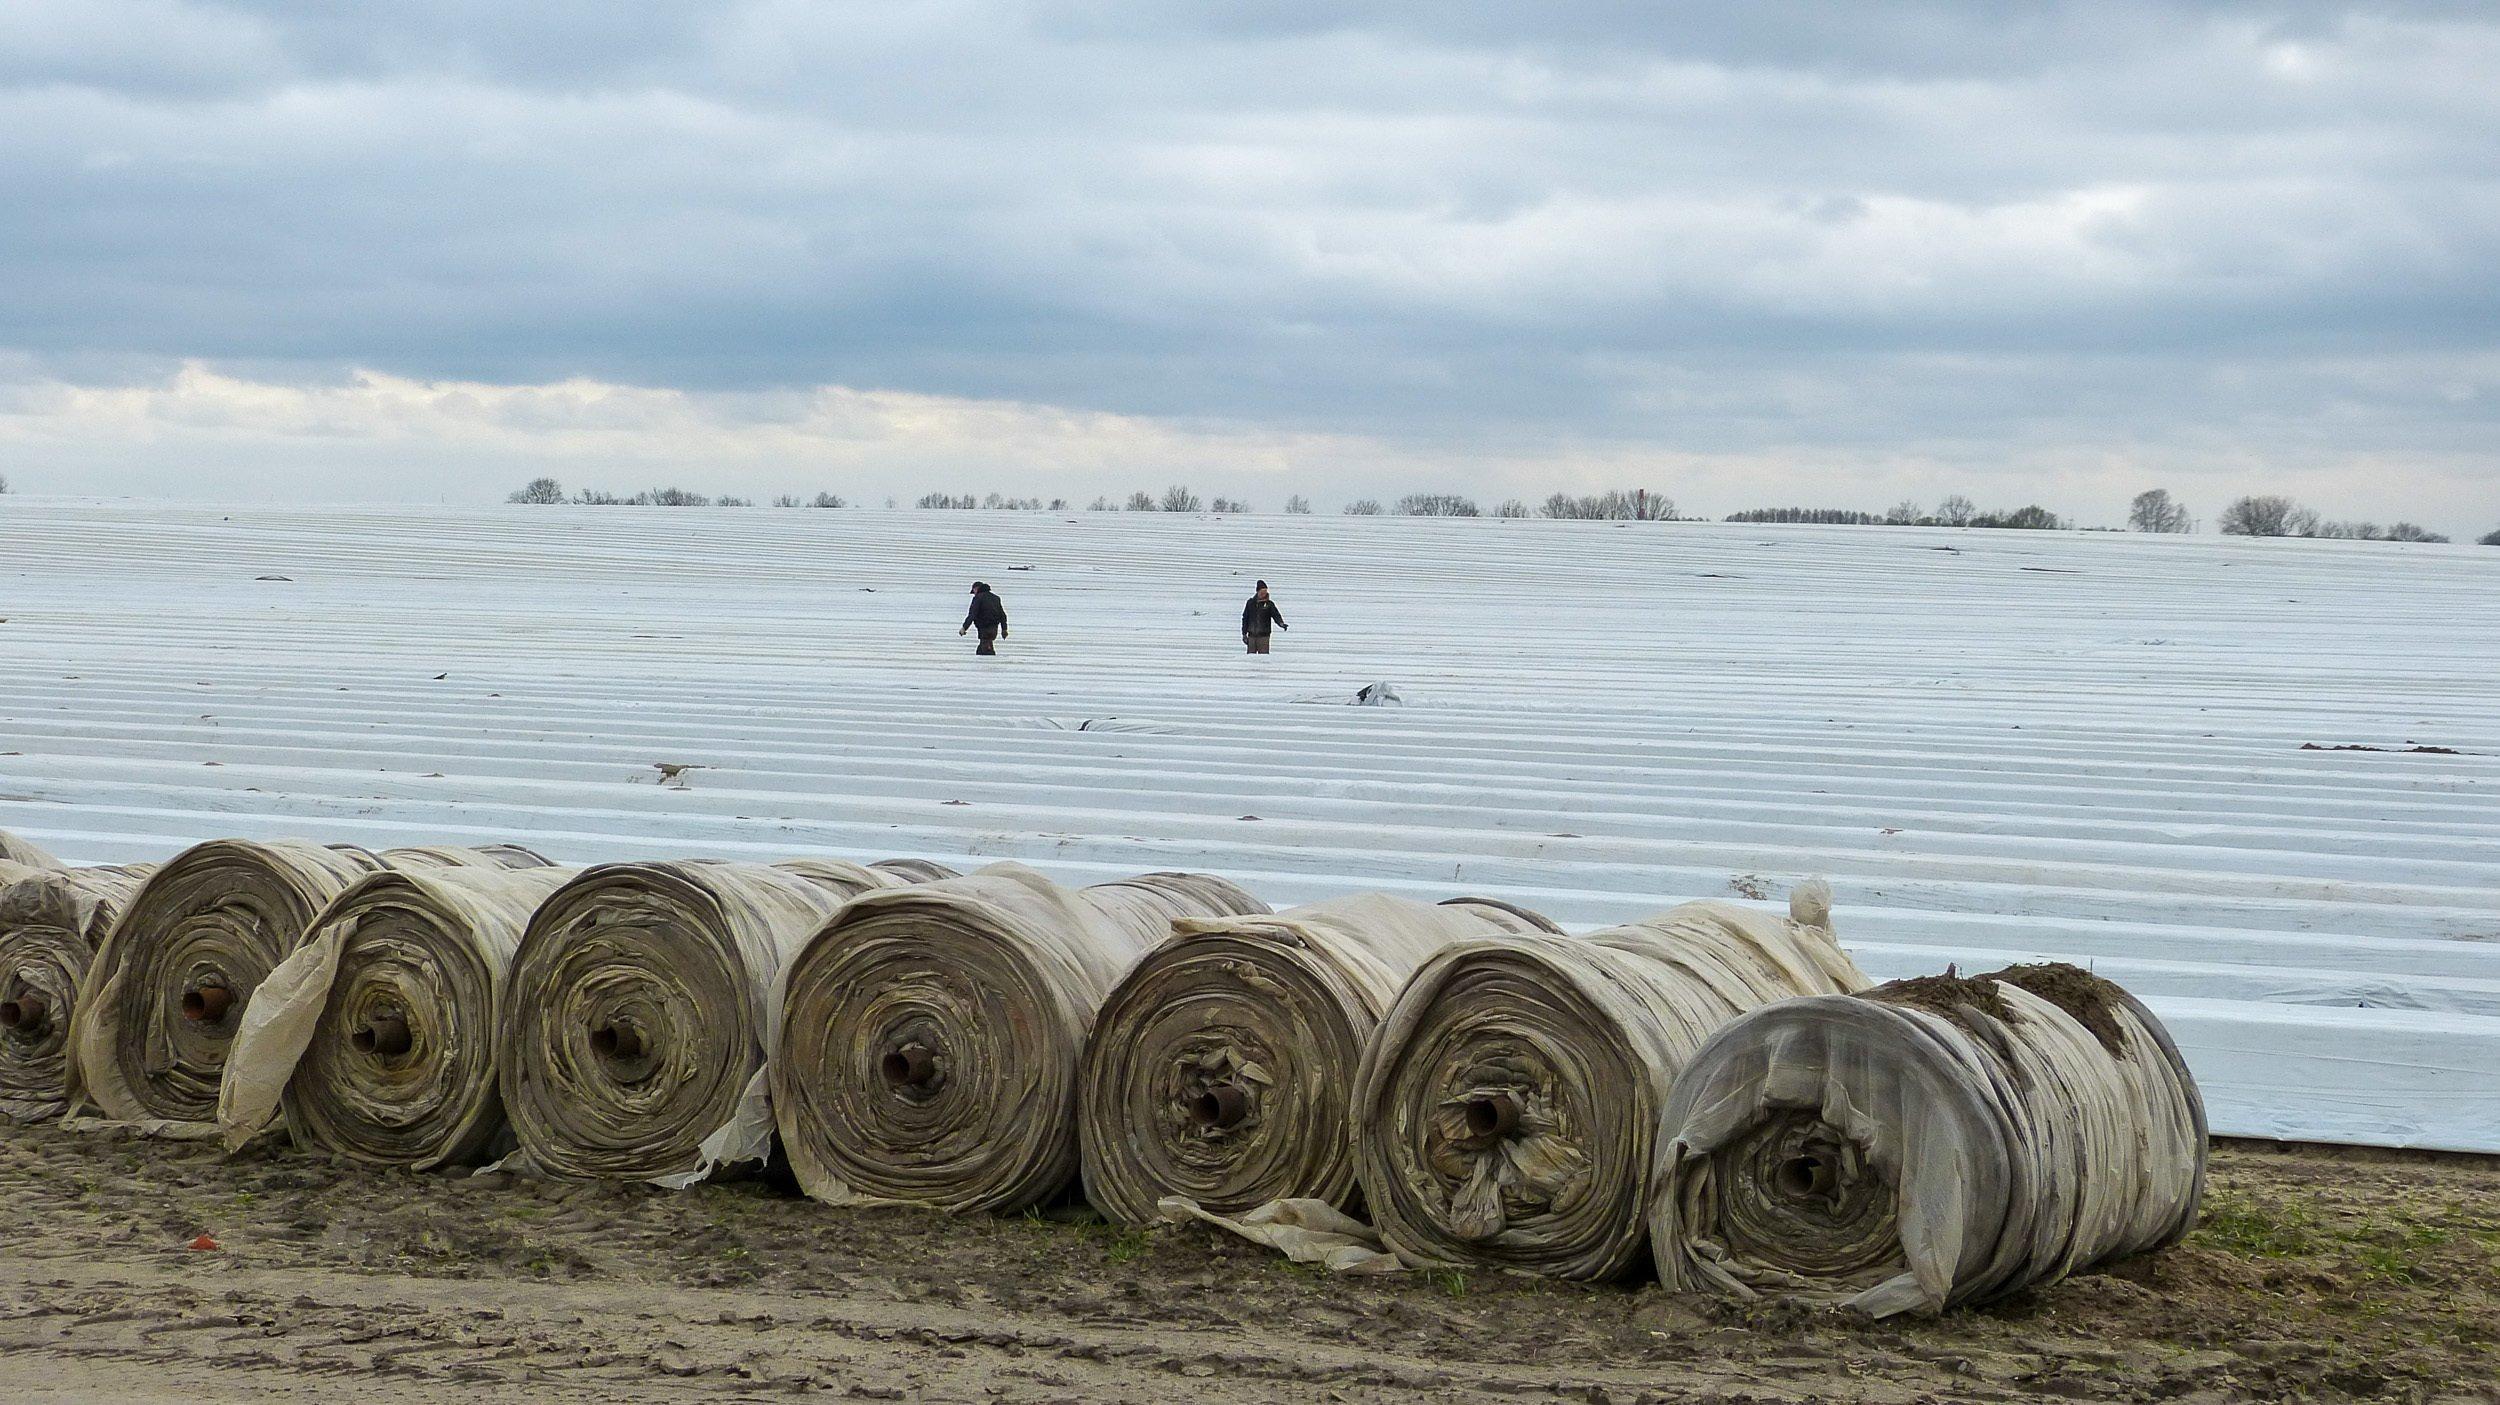 Im Vordergrund stehen schulterhohe Rollen mit Folienbahnen, wie sie die schnurgeraden Spargelwälle auf dem Feld dahinter bedecken. Zwei Menschen stehen in der Ferne zwischen den weißen Reihen.